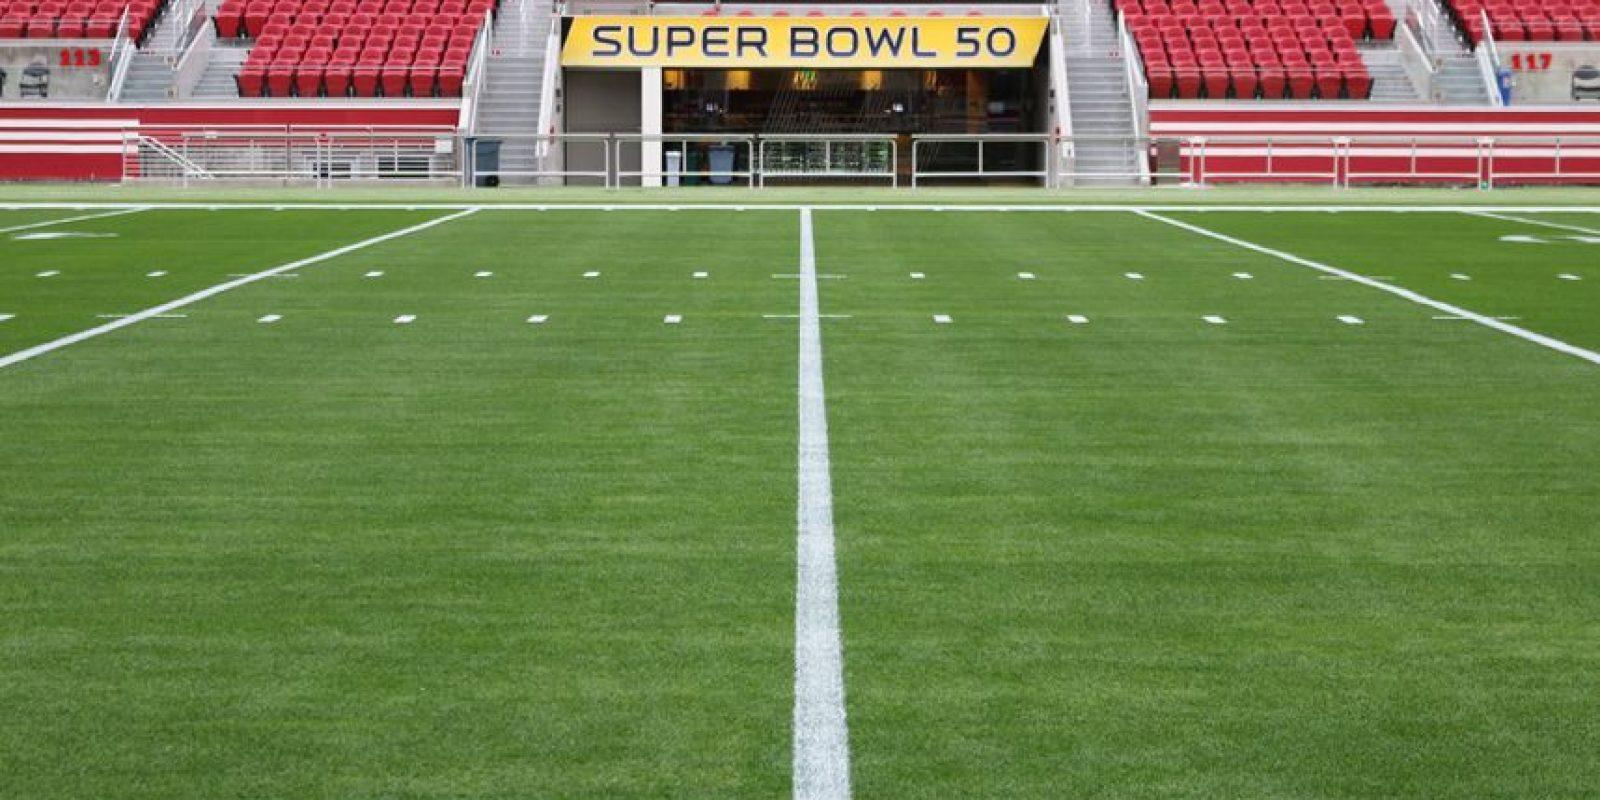 El Super Bowl 2016 se disputará el 7 de febrero. Foto:Levi´s Stadium